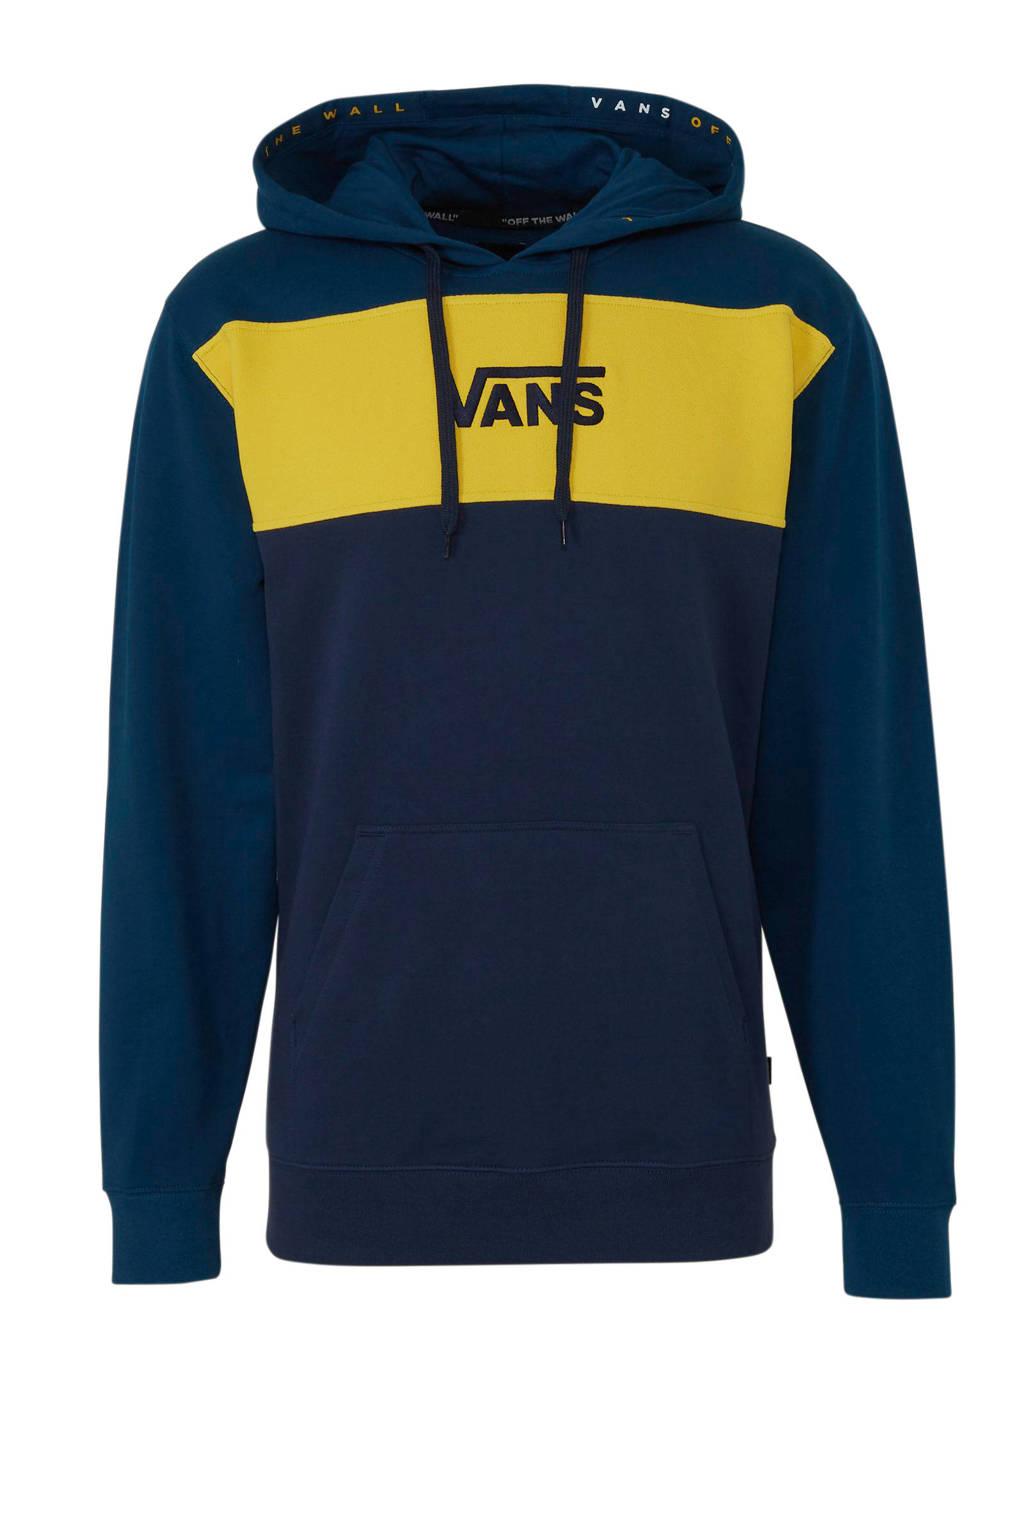 VANS   hoodie donkerblauw/geel, Donkerblauw/geel